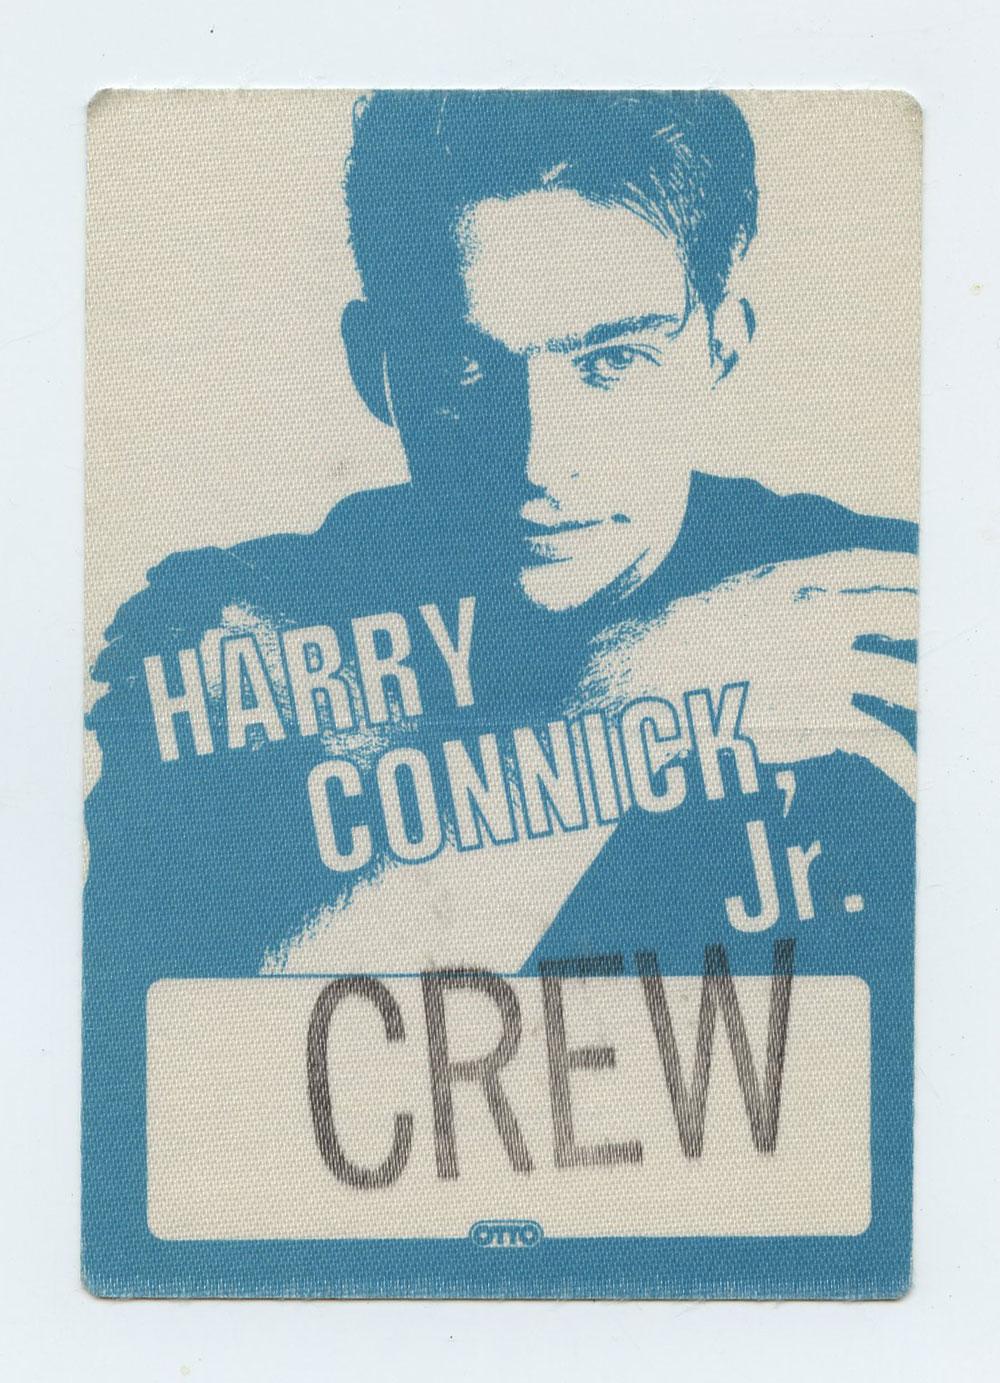 Harry Connick Jr 1994 Tour Backstage Pass